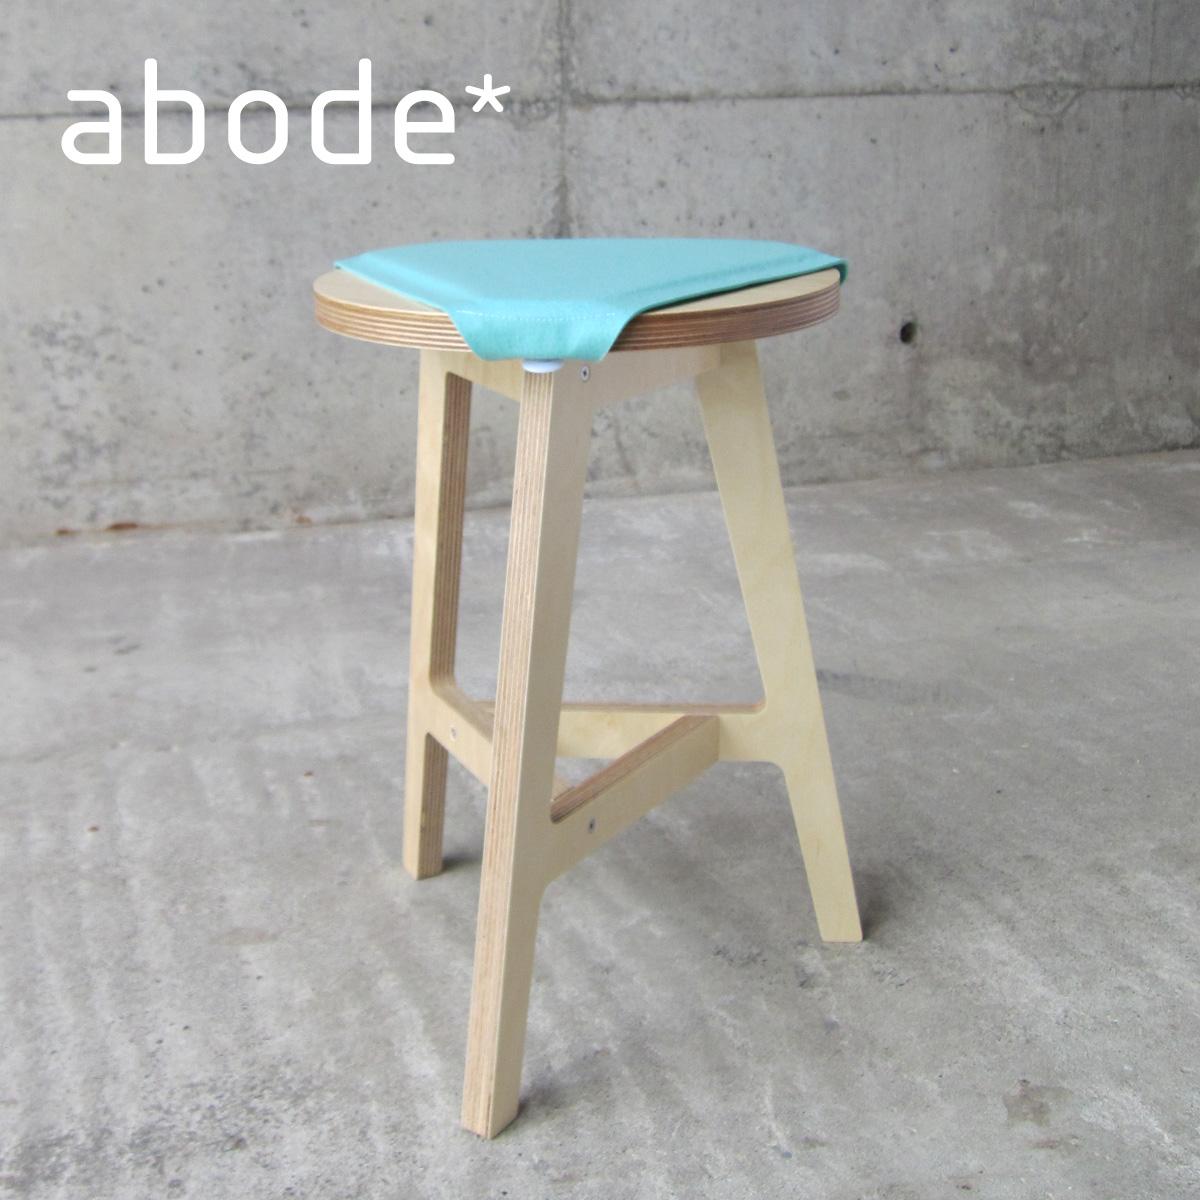 abode アボード 家具 F2A シアン 松尾直哉 まつおなおや Naoya Matsuo スツール・椅子・サイドテーブル・ノックダウンデザイナーズ家具